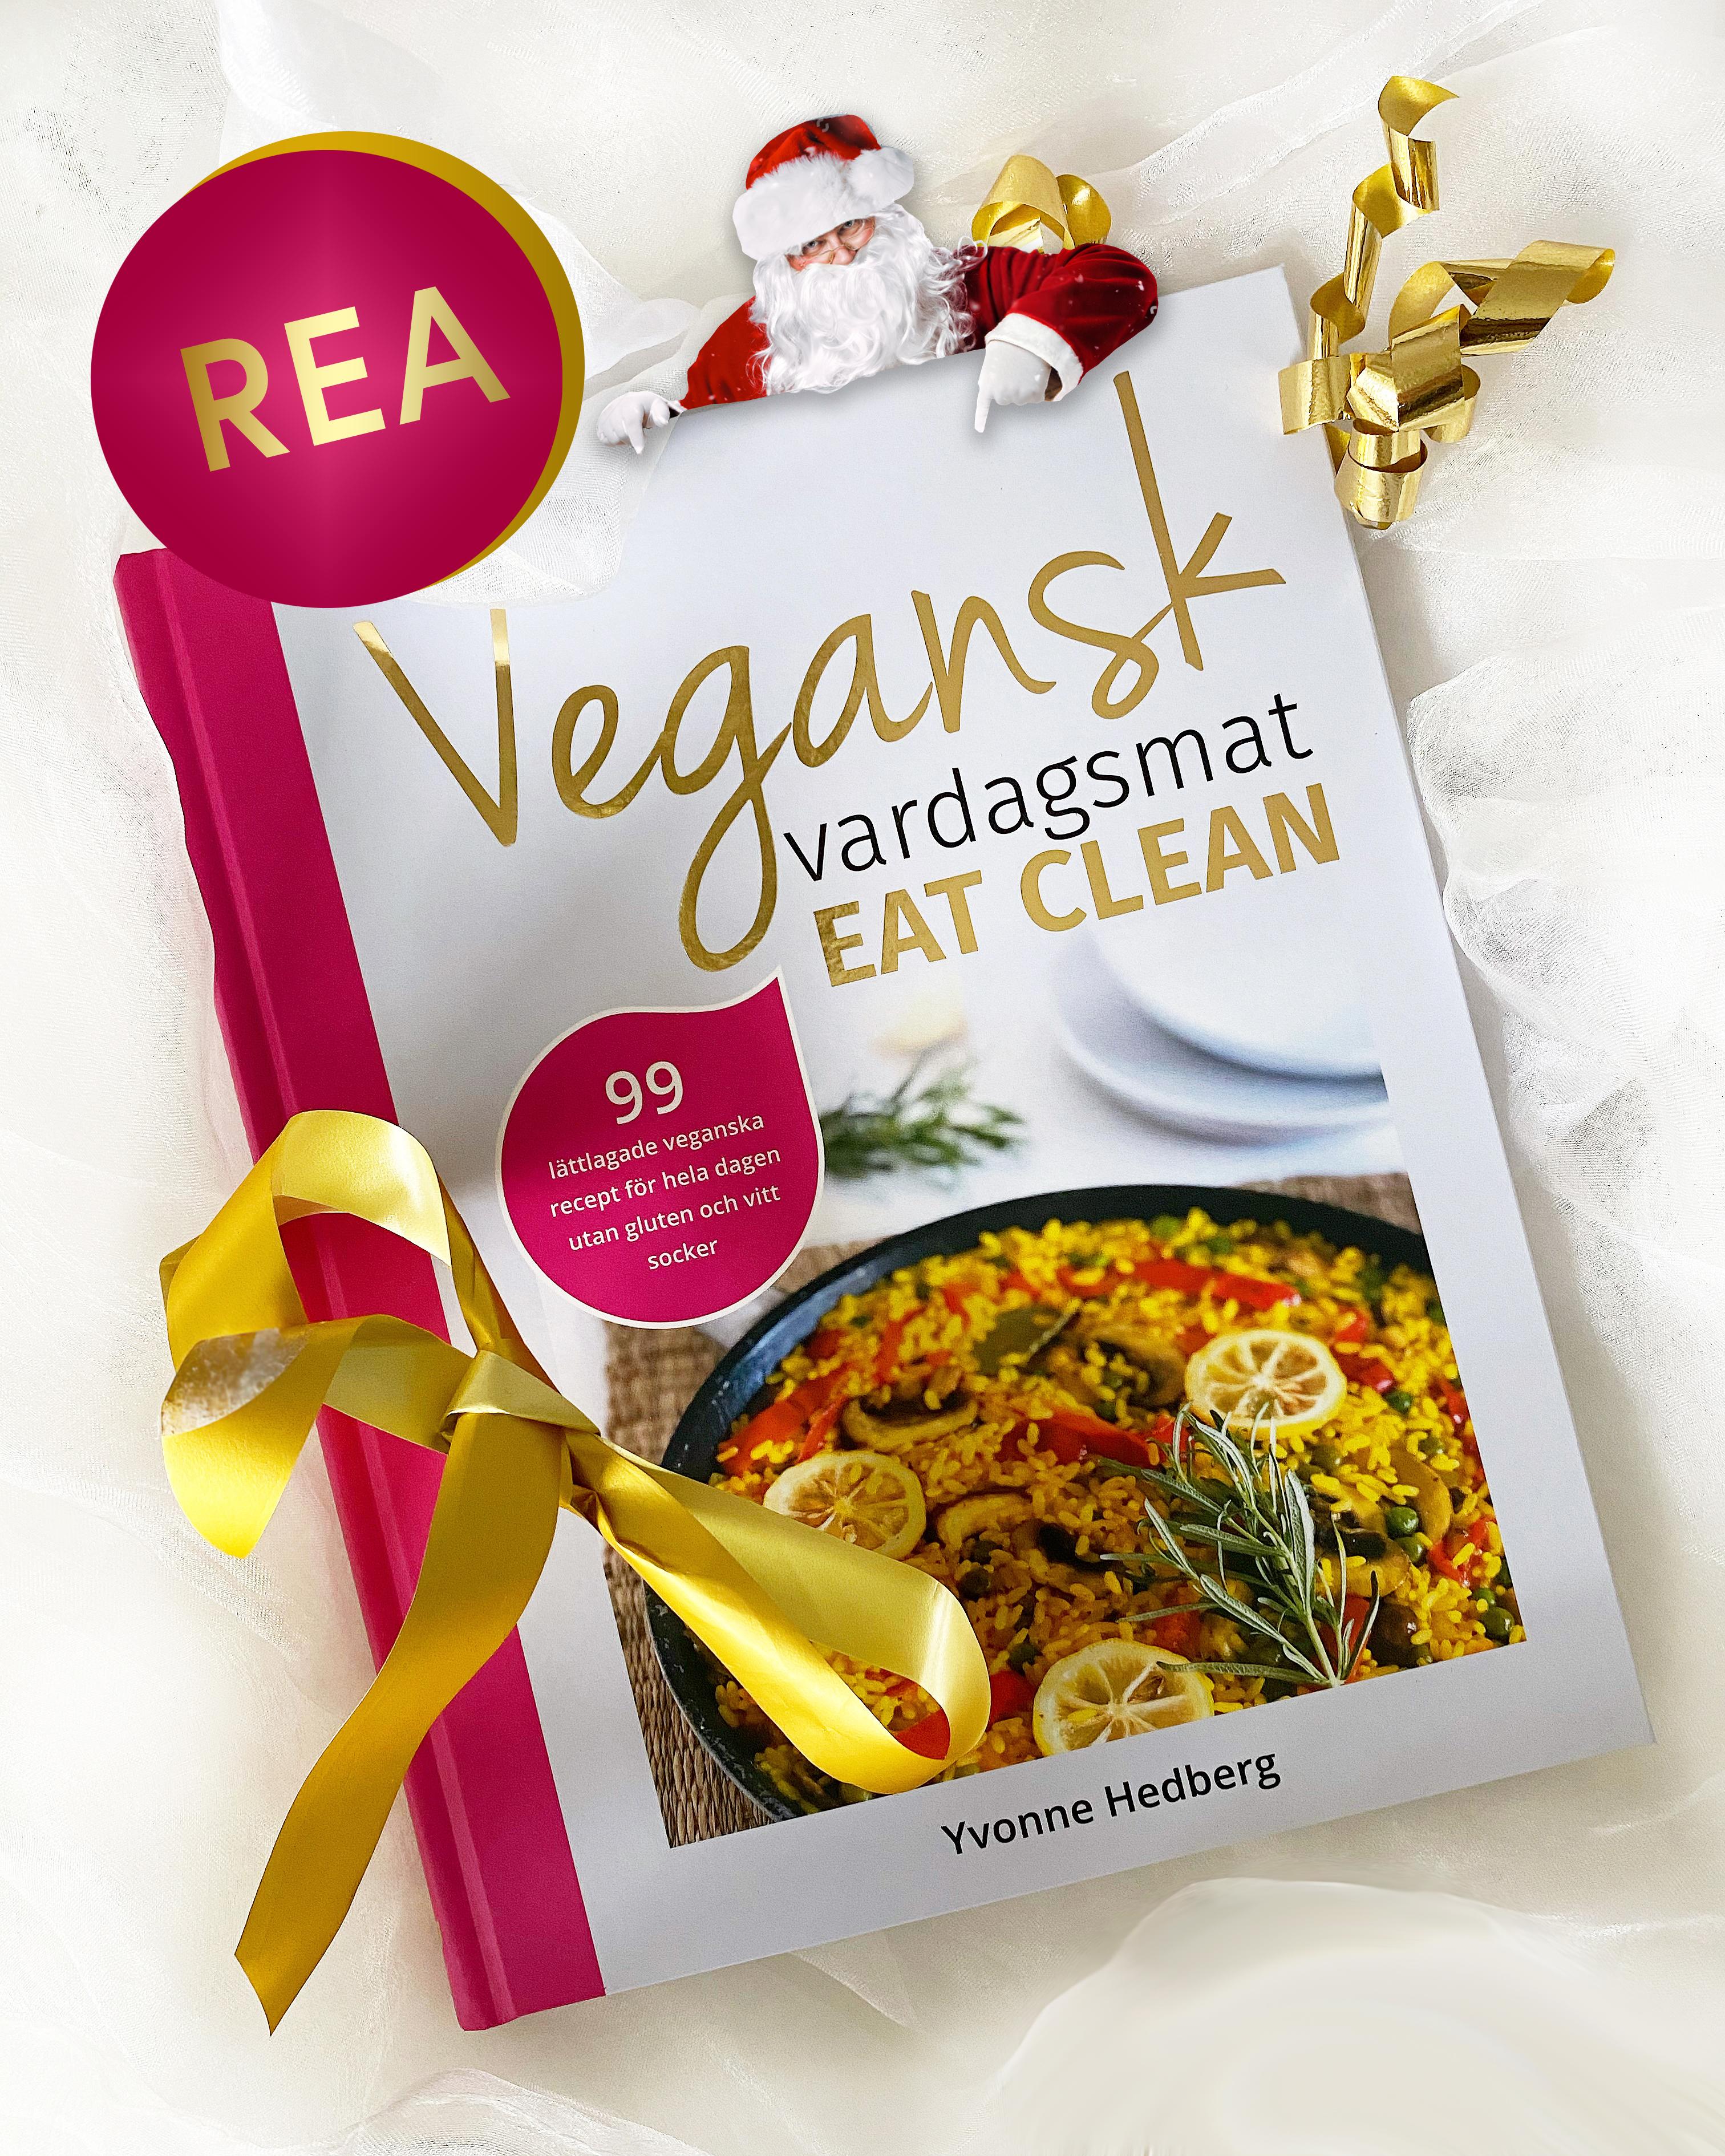 Kokboken Vegansk vardagsmat - eat clean av Yvonne Hedberg